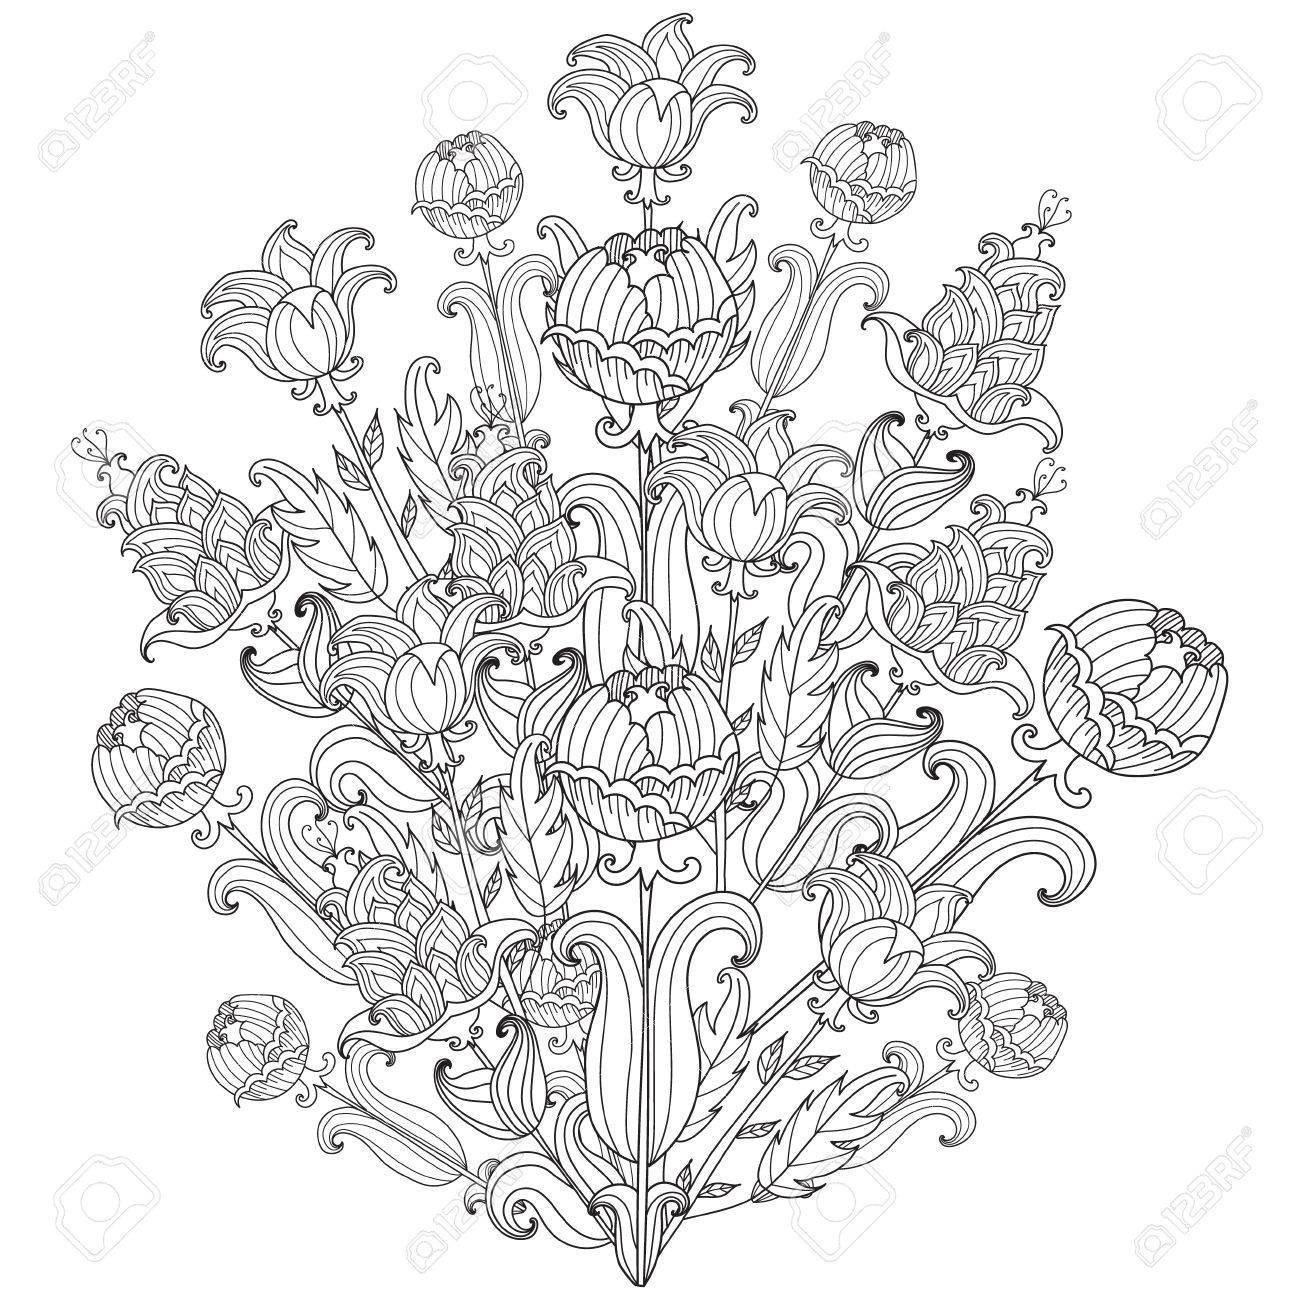 Dessinez Noir Et Blanc Flowervector Flowerstemplate Décoratif Pour Des Pages à Colorier Pour Les Adultes Coloriage Dook Un Bouquet De Fleurs Avec